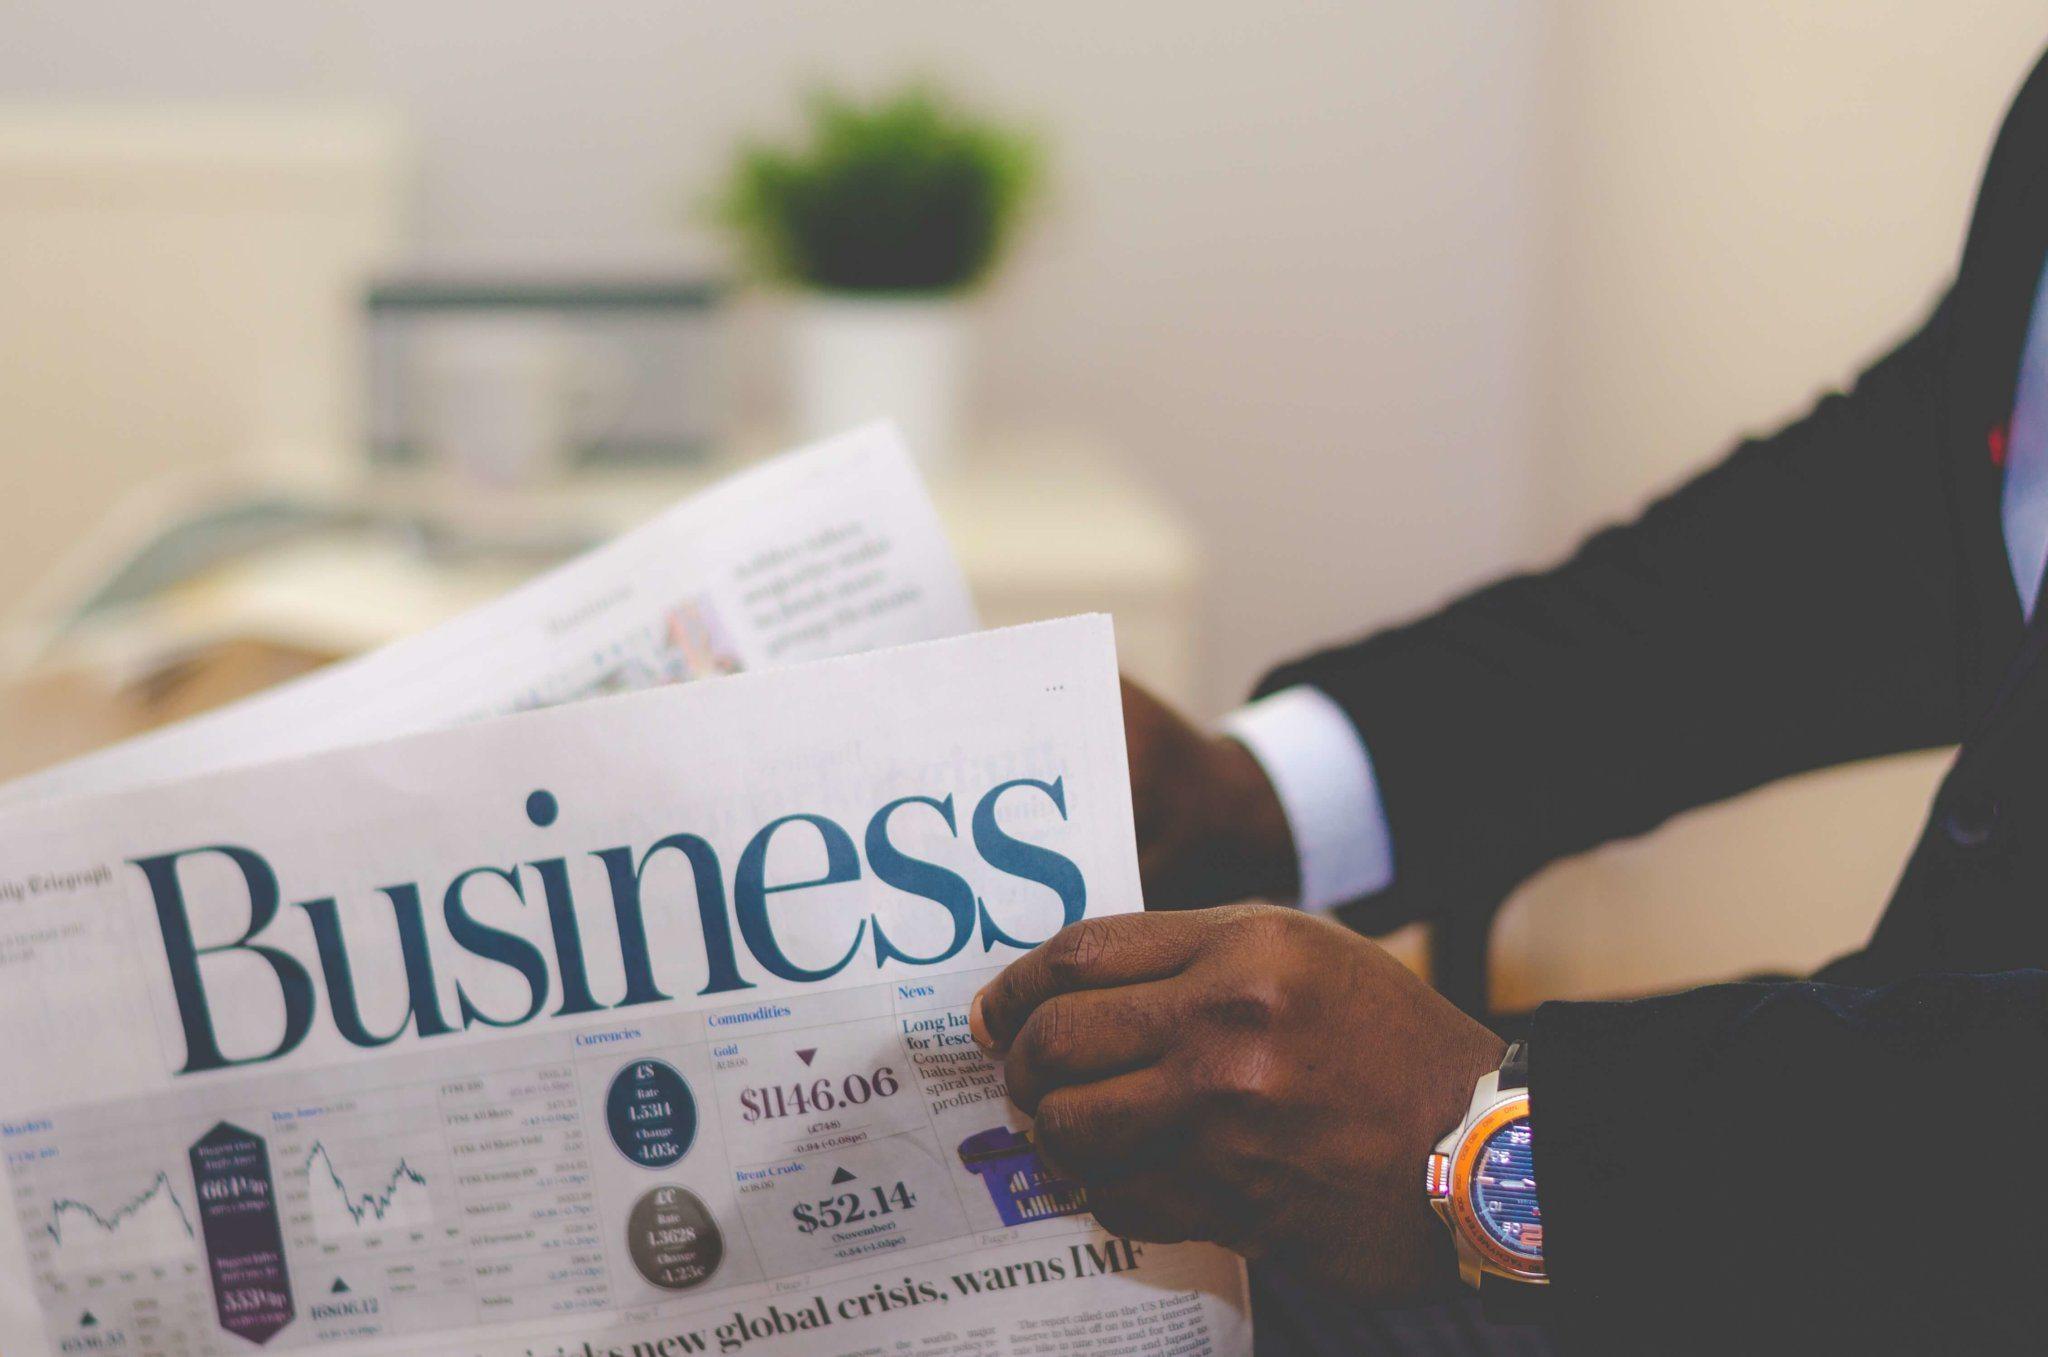 Journal économique business